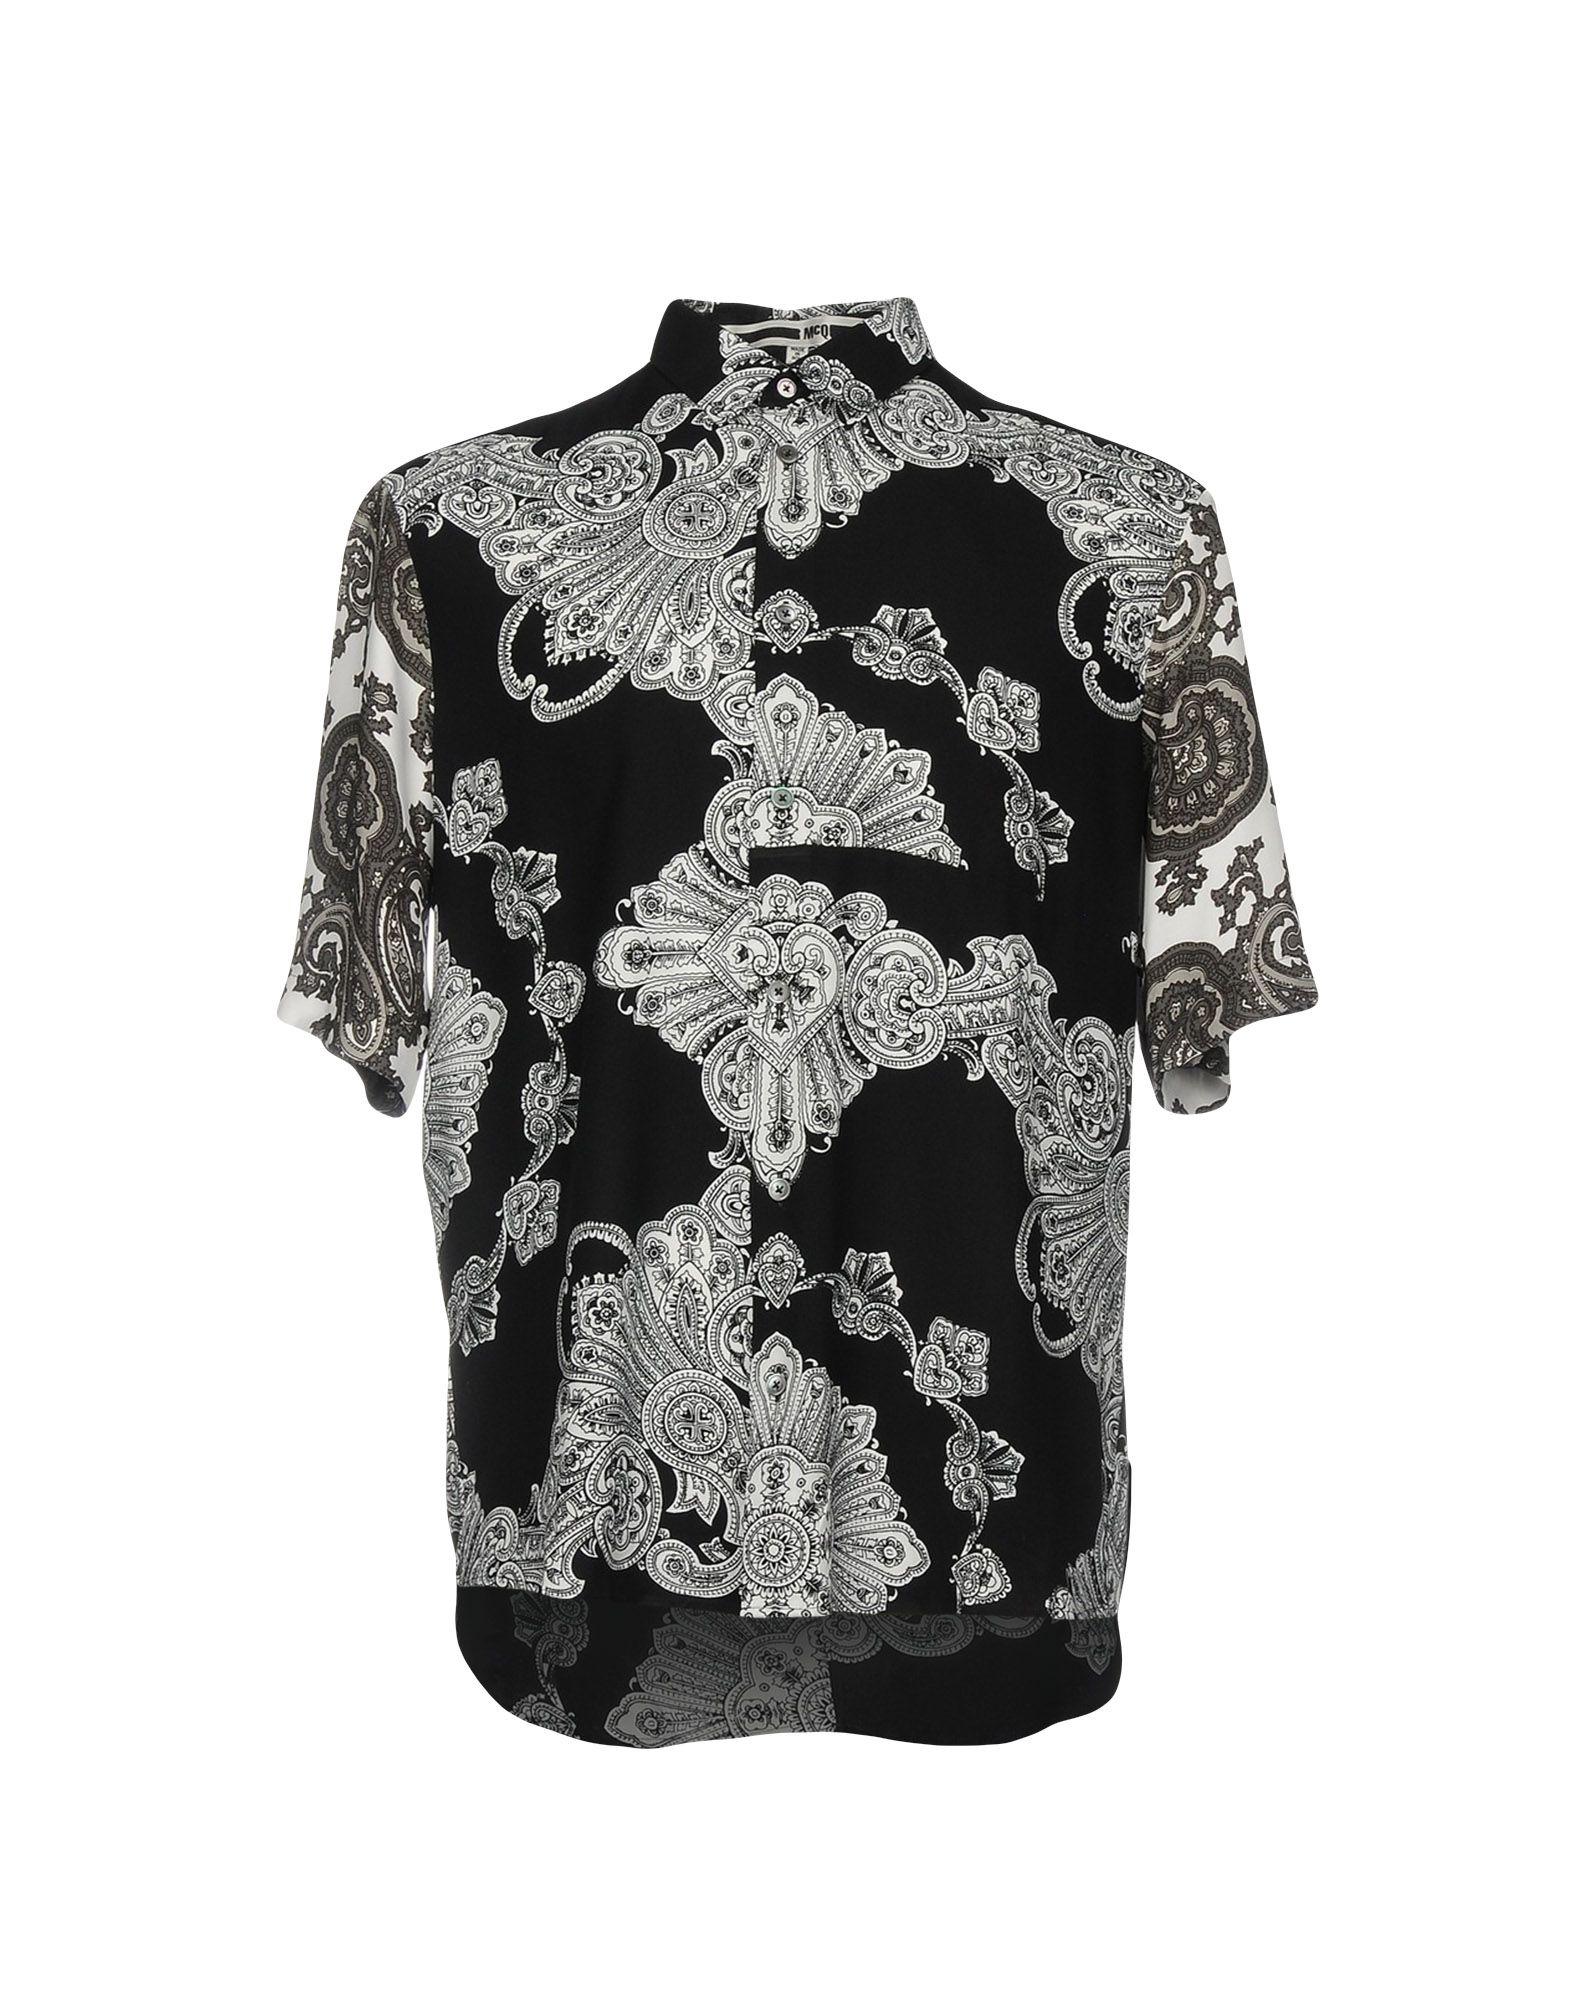 Camicia Fantasia Mcq Alexander Mcqueen Uomo - Acquista online su